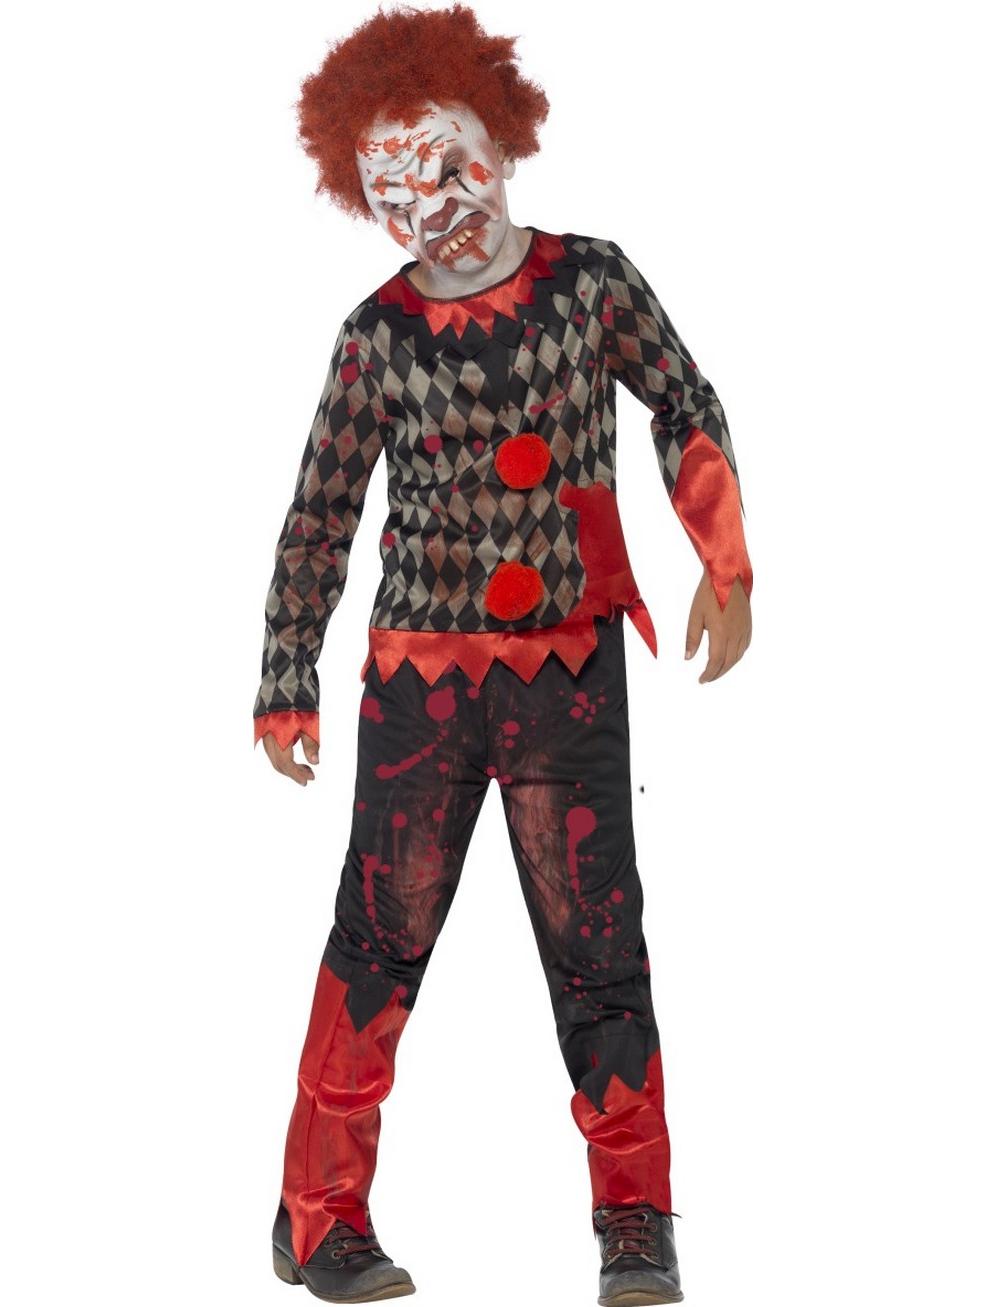 furchterregende zombie clown verkleidung f r kinder. Black Bedroom Furniture Sets. Home Design Ideas